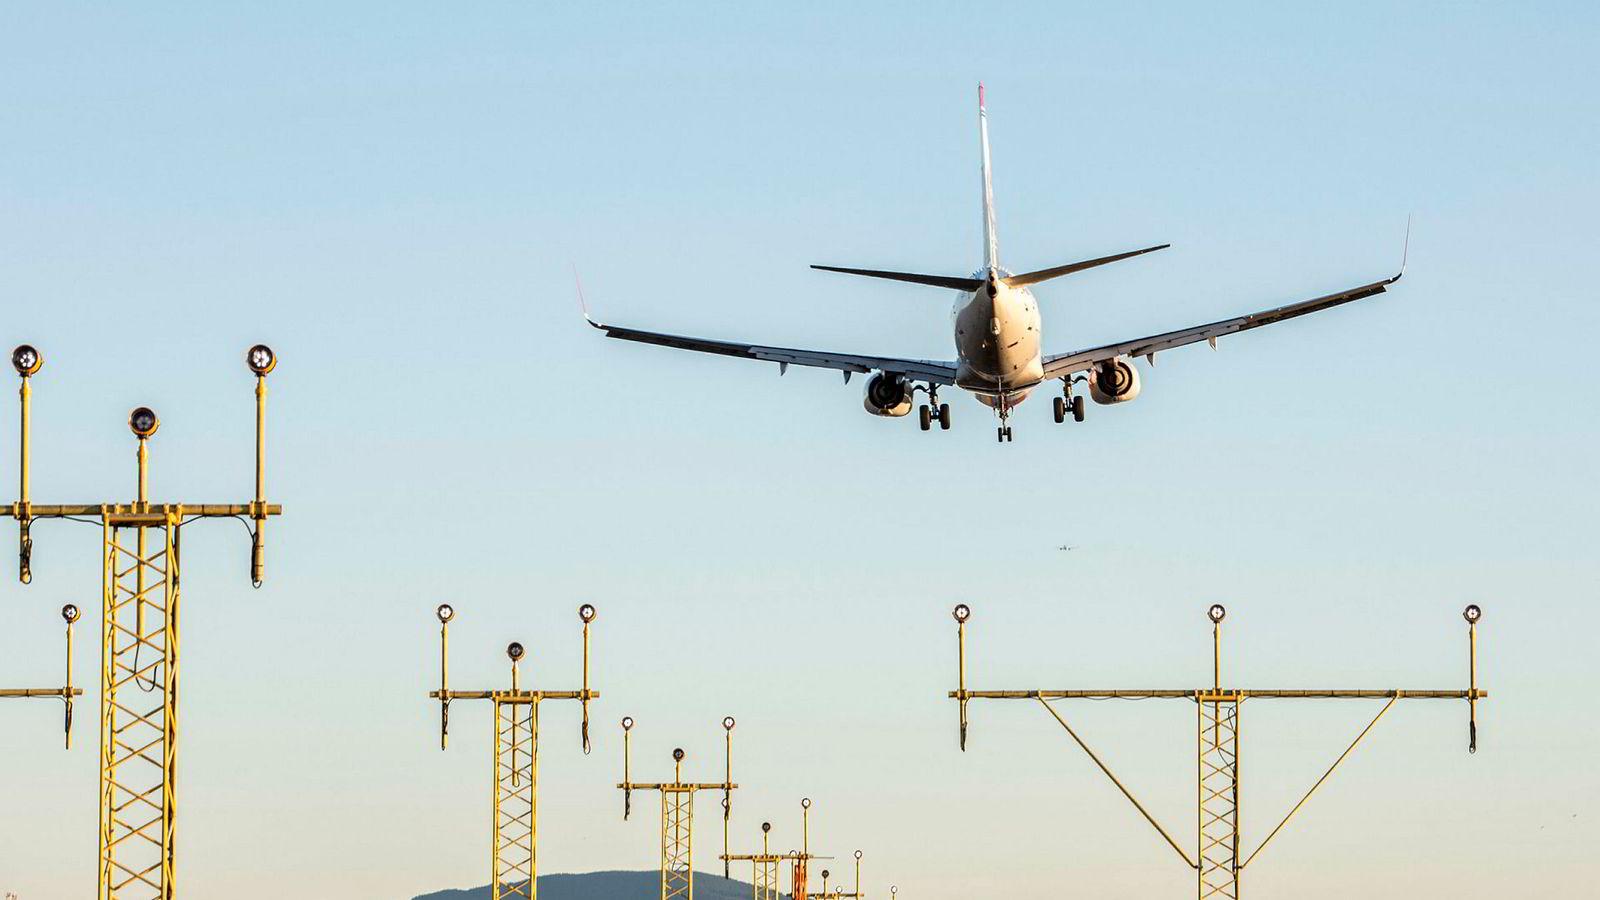 Kan dårlig samvittighet for flyturen kureres med noen klimakvoter, mon tro?